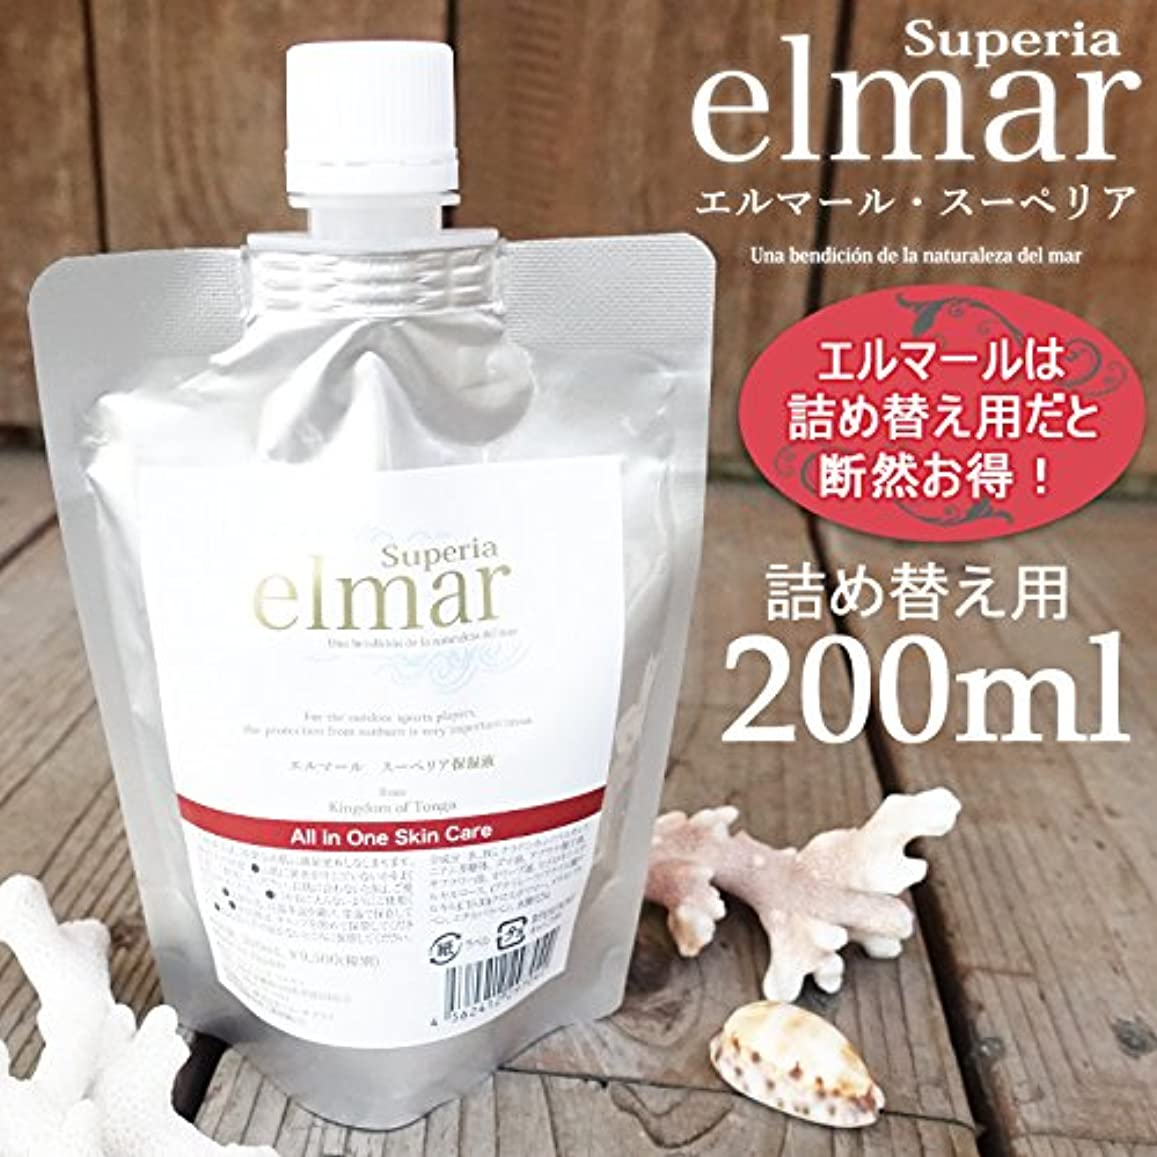 肝悲観主義者北Superia elmar(スーペリア エルマール) 詰め替え用 200ml スキンケア 多機能保湿液